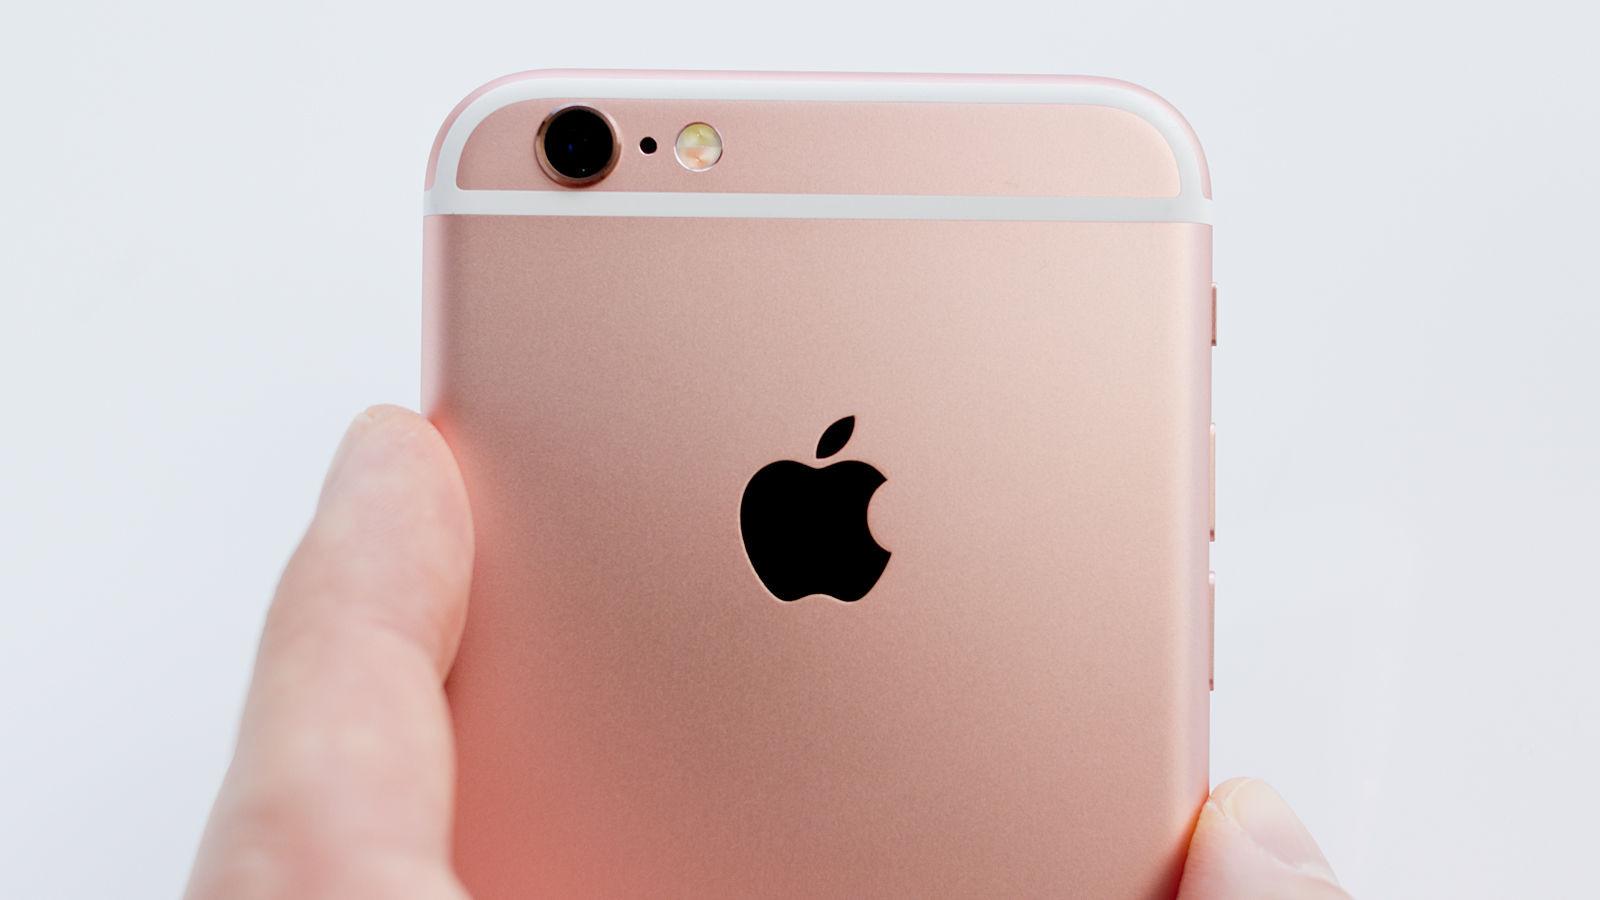 đánh giá điện thoại iphone 6s plus chuẩn